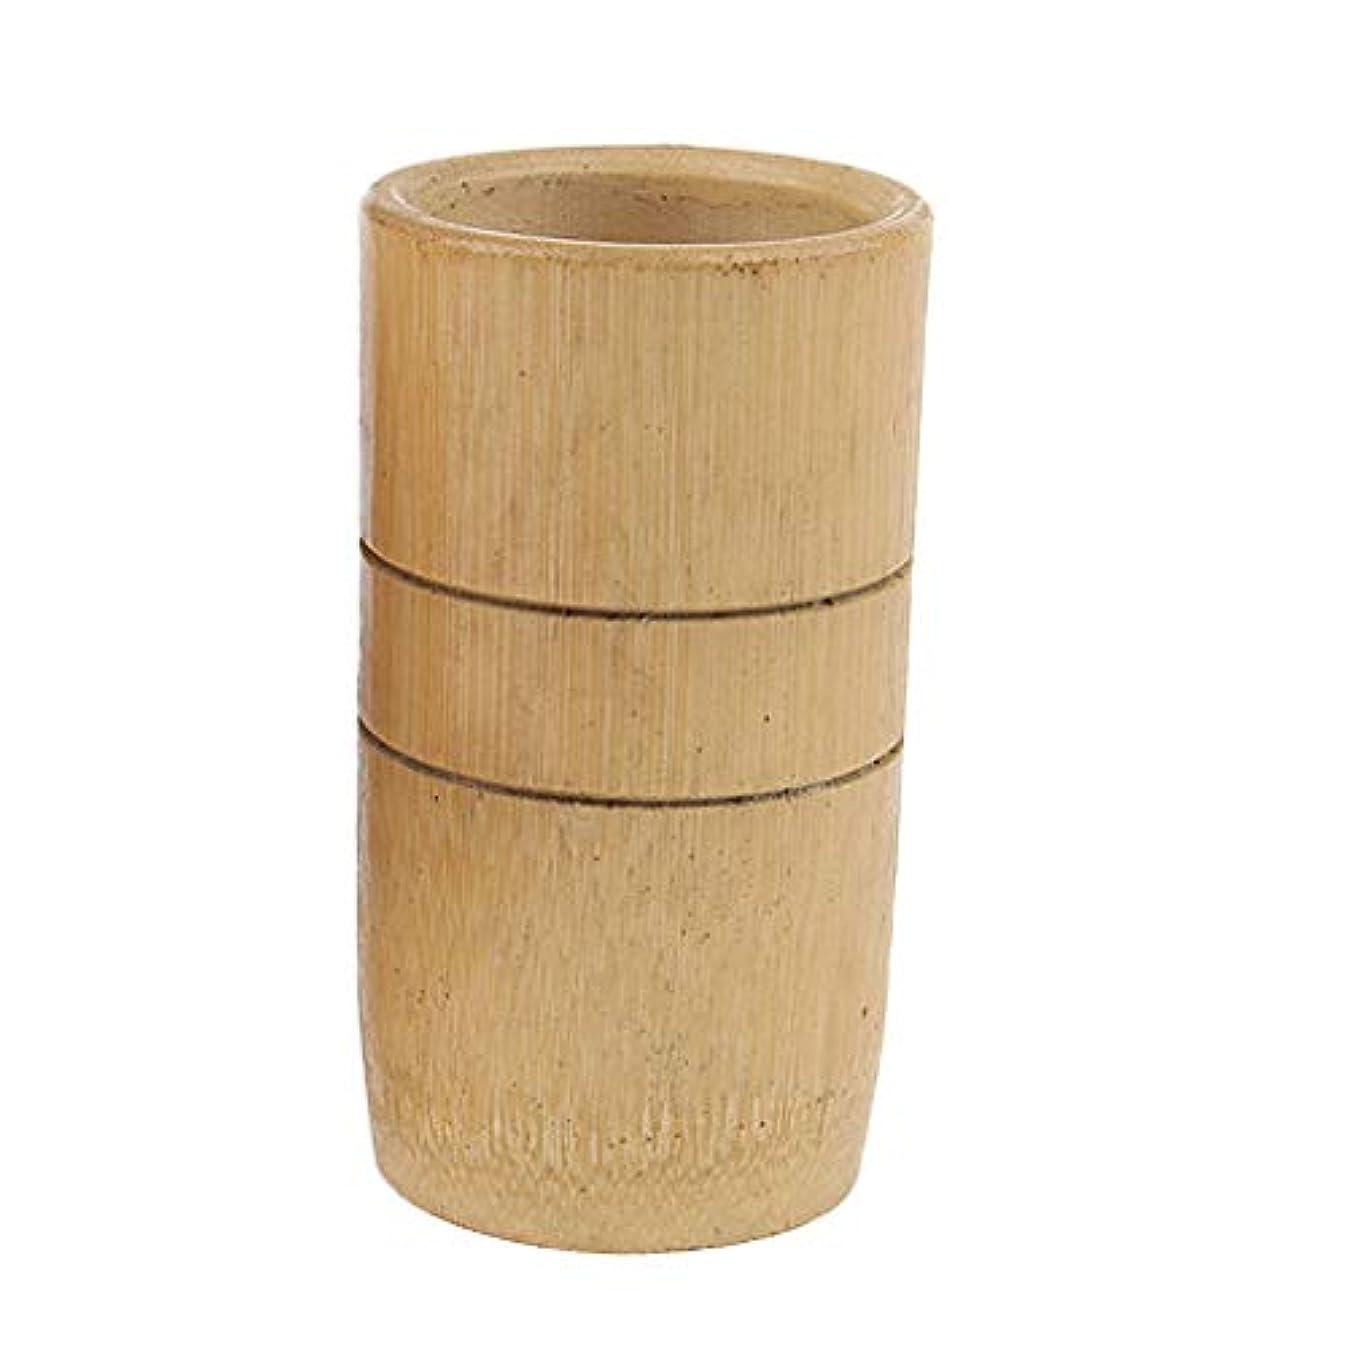 豊かにするラベルタオルマッサージ吸い玉 カッピング 天然竹製 全身マッサージ 血流促進 サロン 家庭用 男女用 2個入